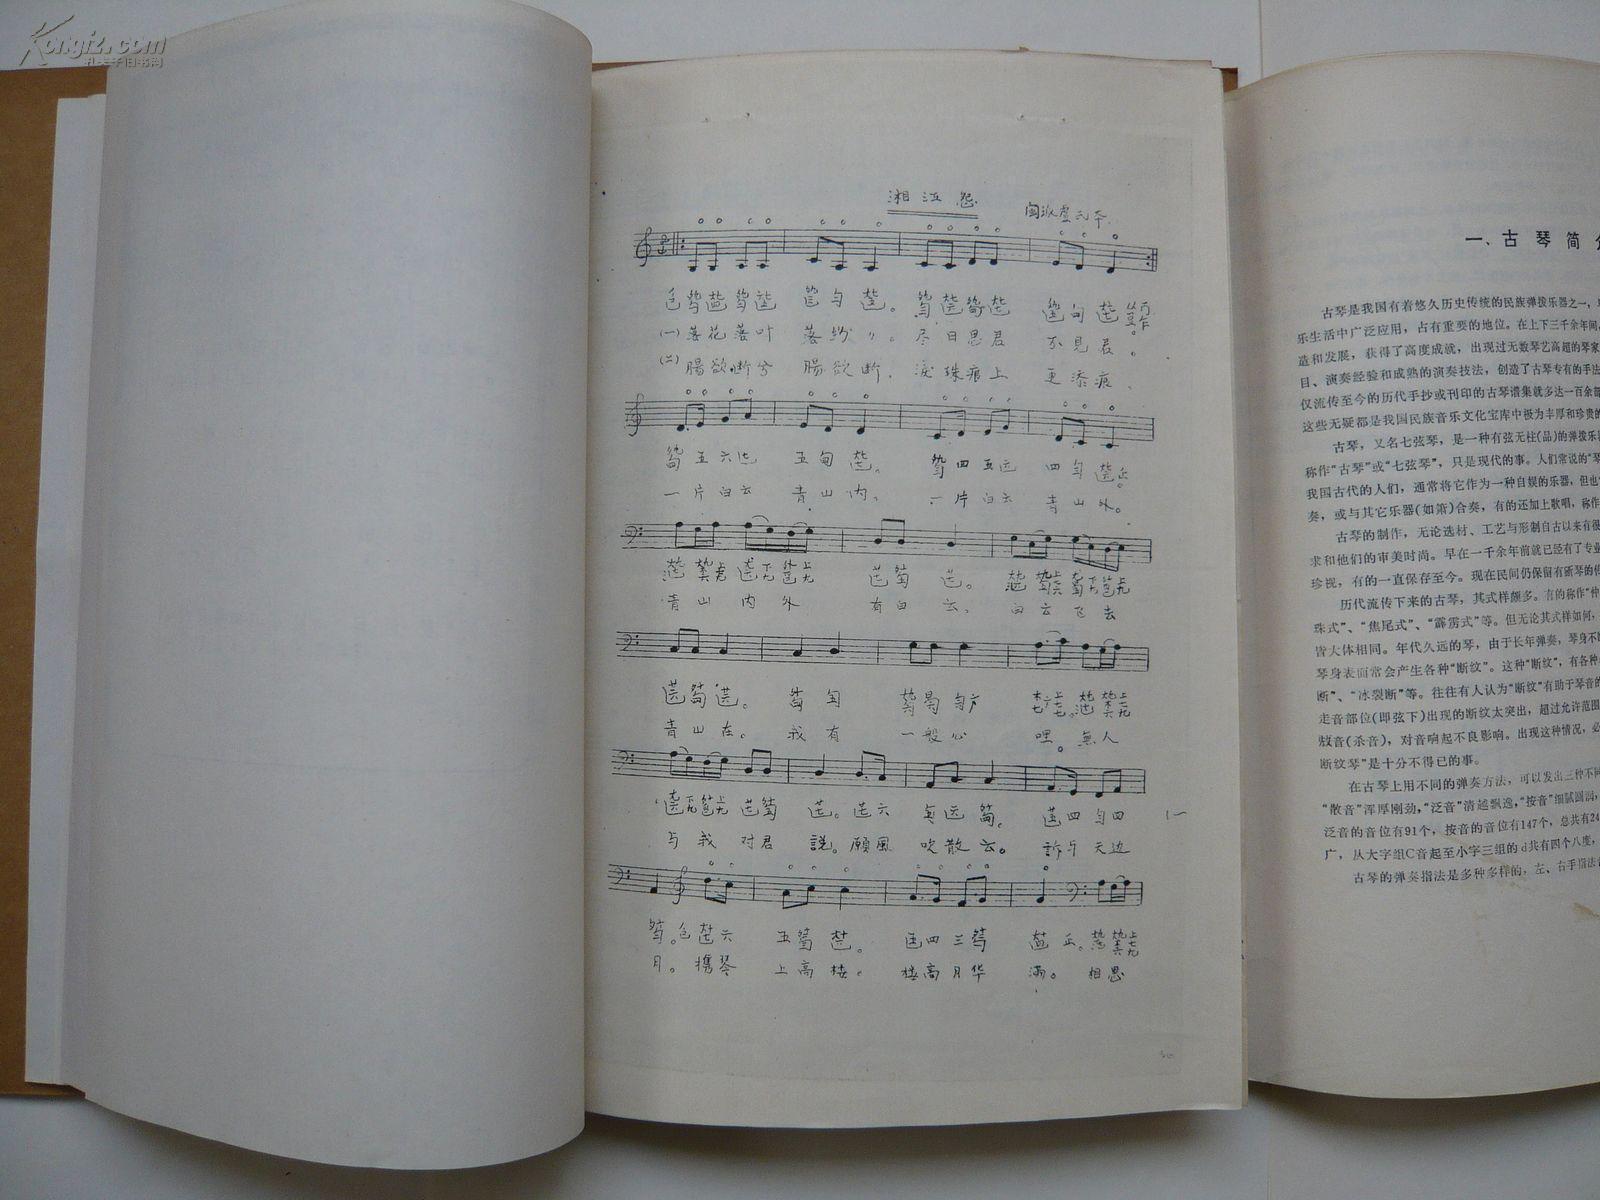 许光毅编著: 怎样弹古琴(复印本 )附有其它4首古琴曲复印件图片